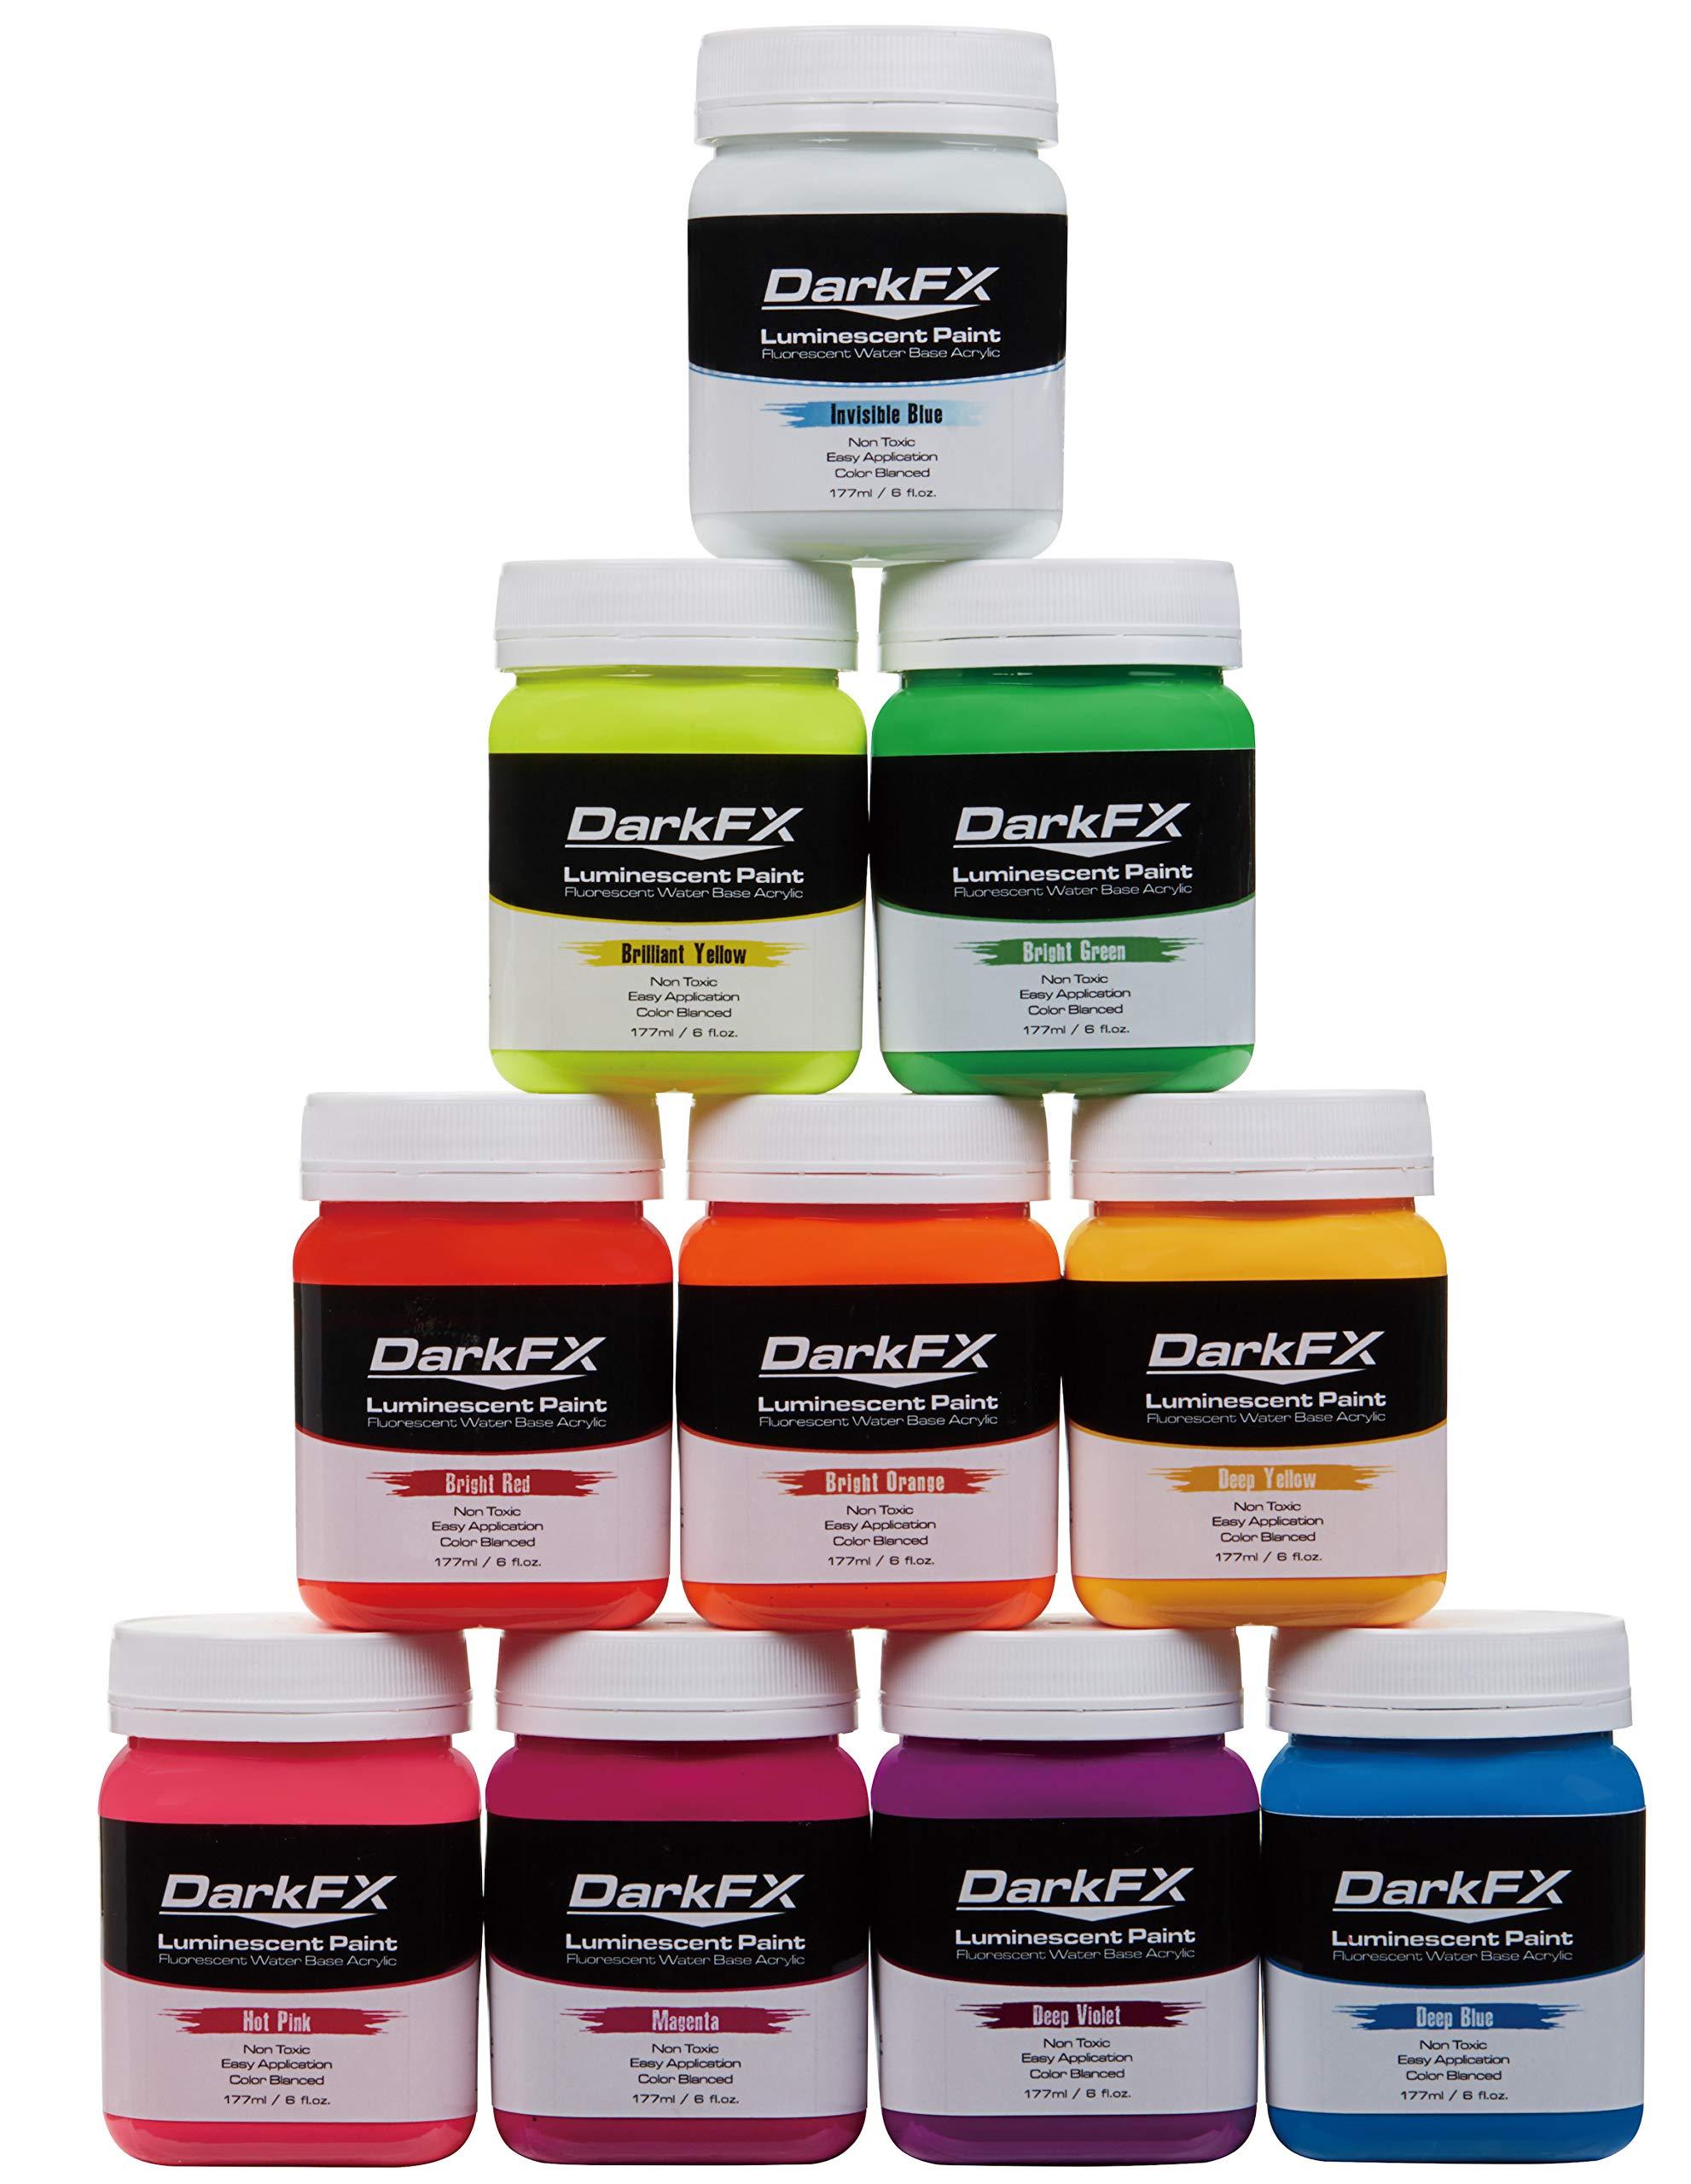 Antari DarkFX UV Luminescent Paint Variety Pack